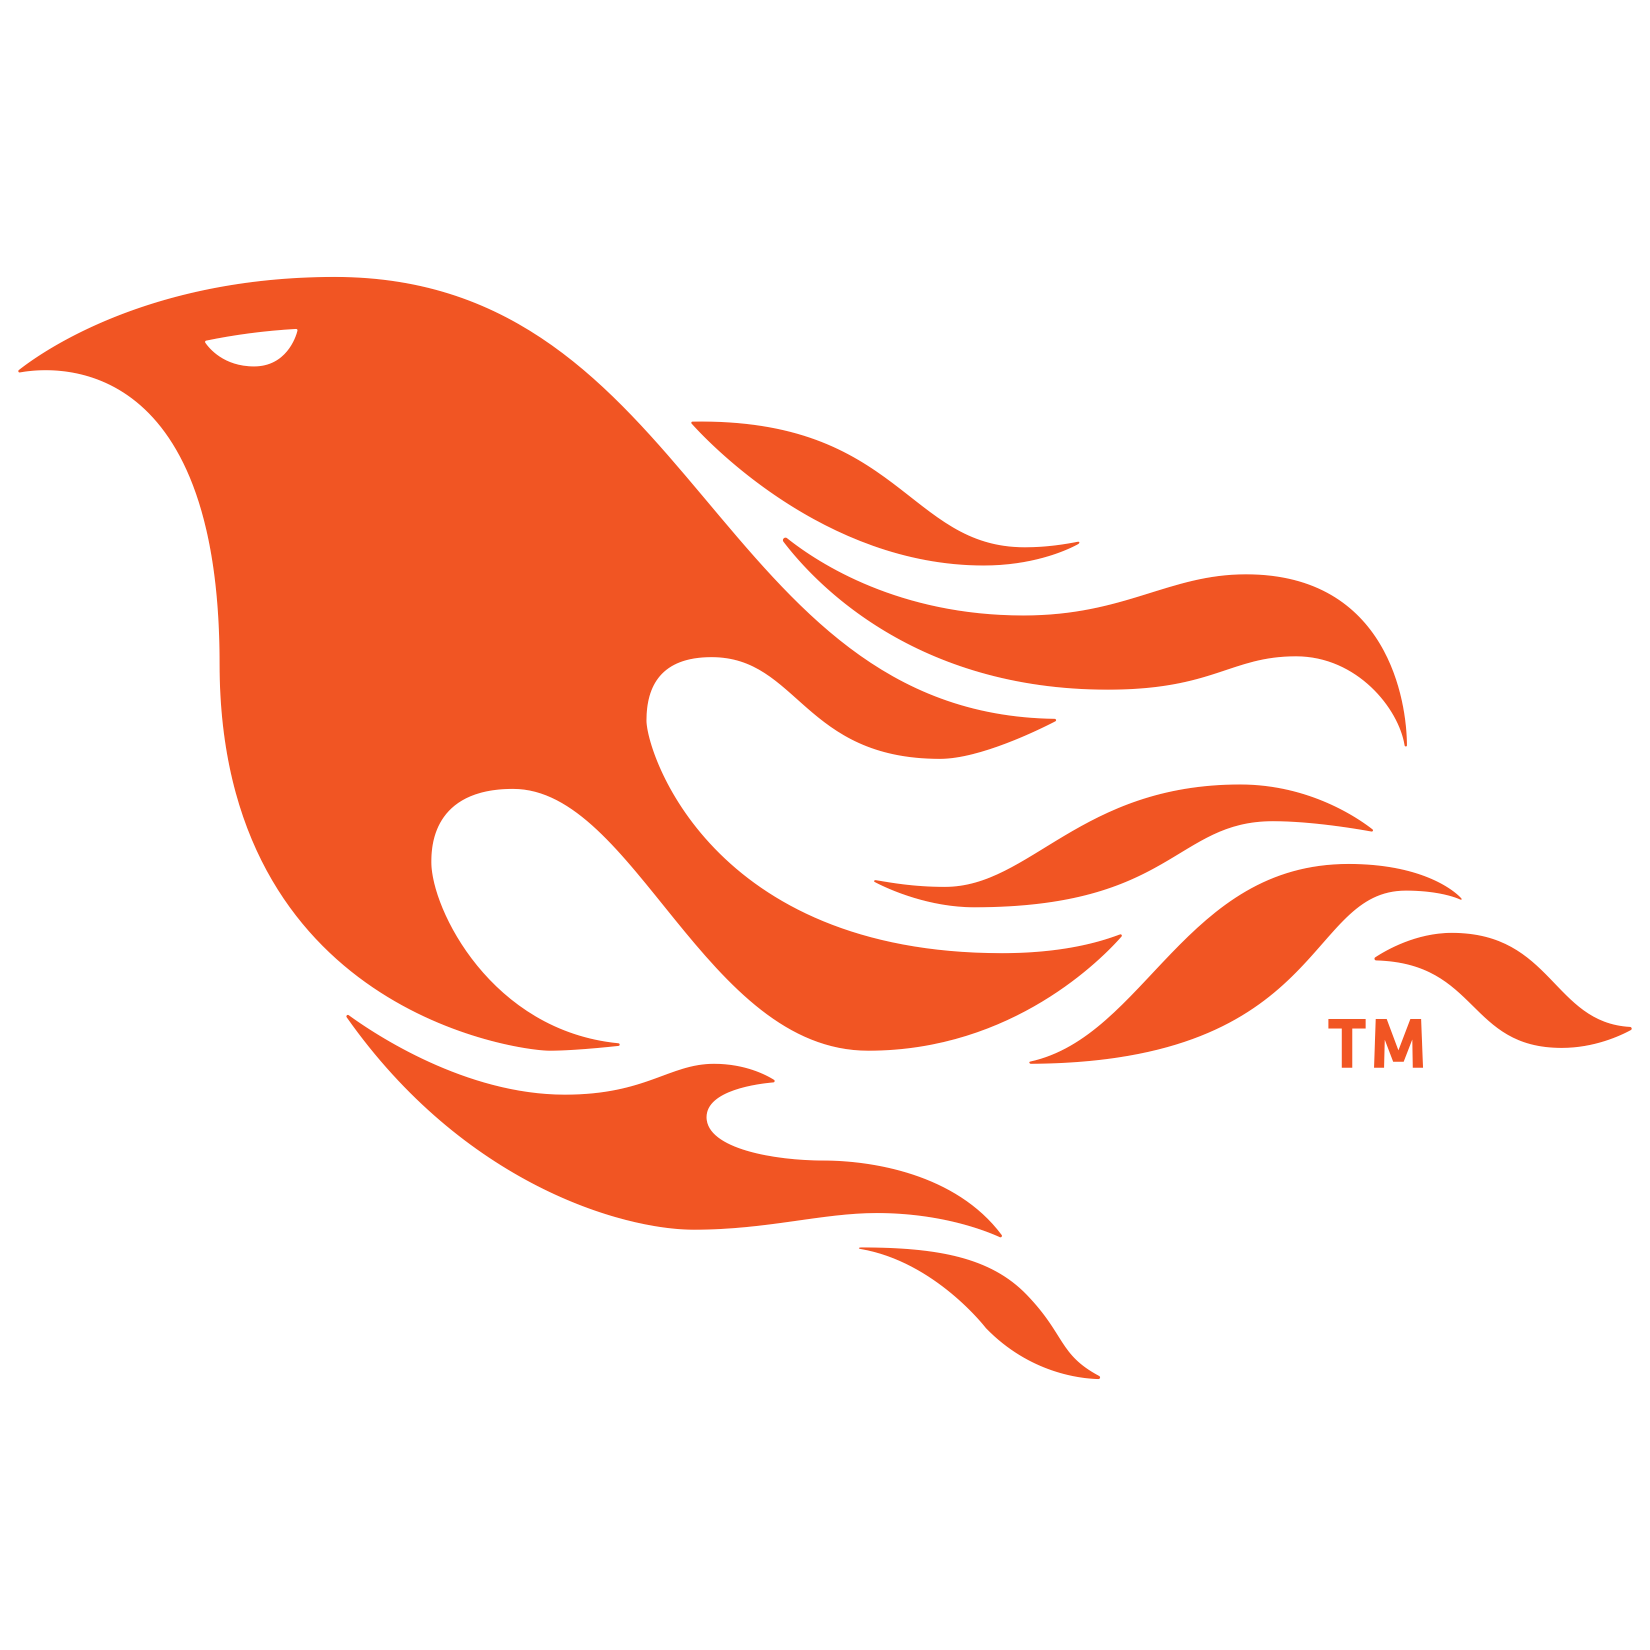 Phoenix framework logo